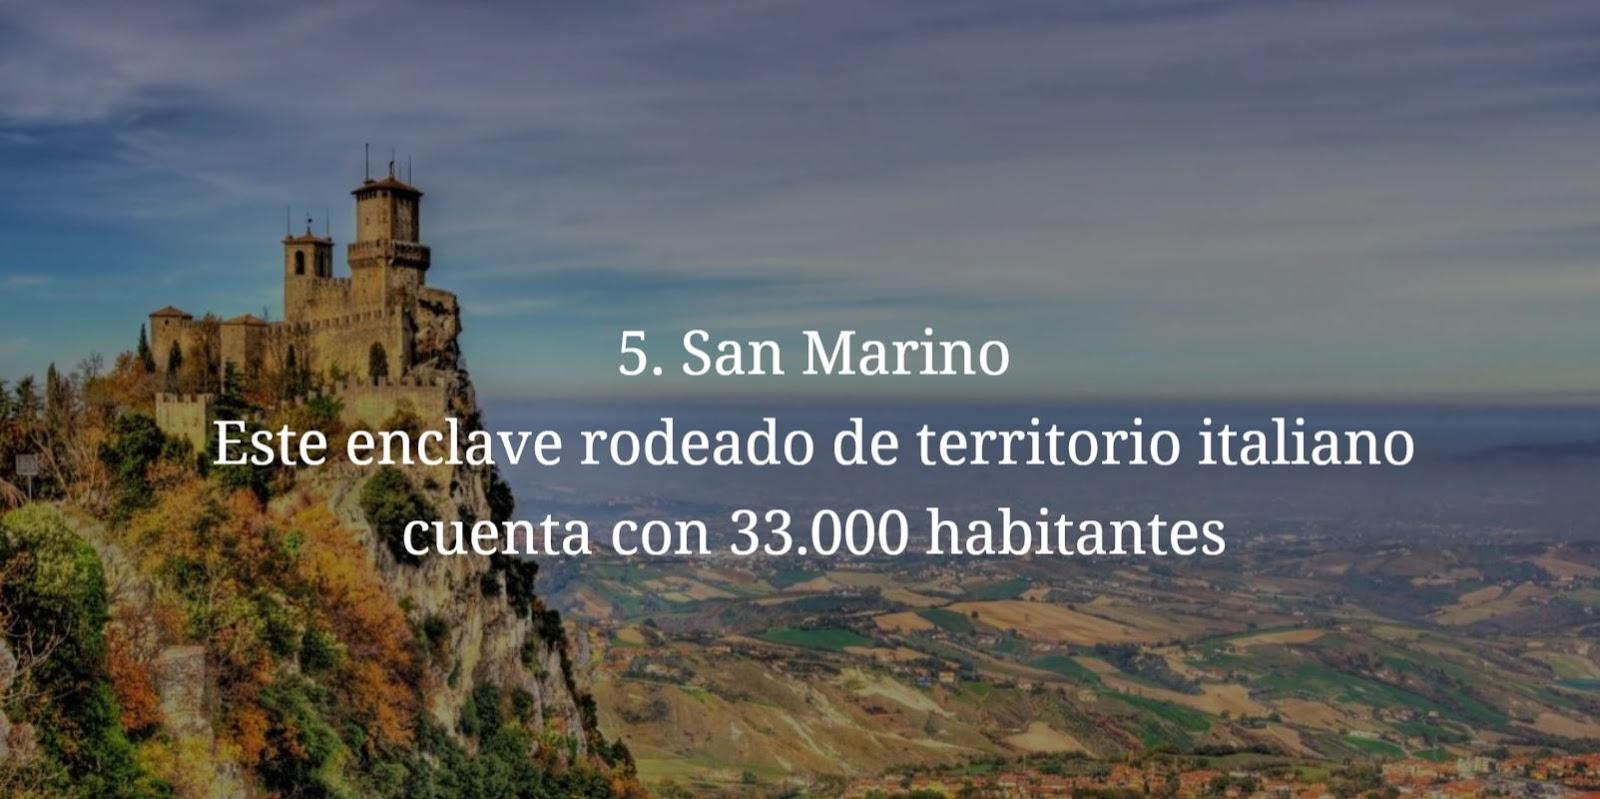 San Marino, paises mas pequeños y menos habitados del mundo